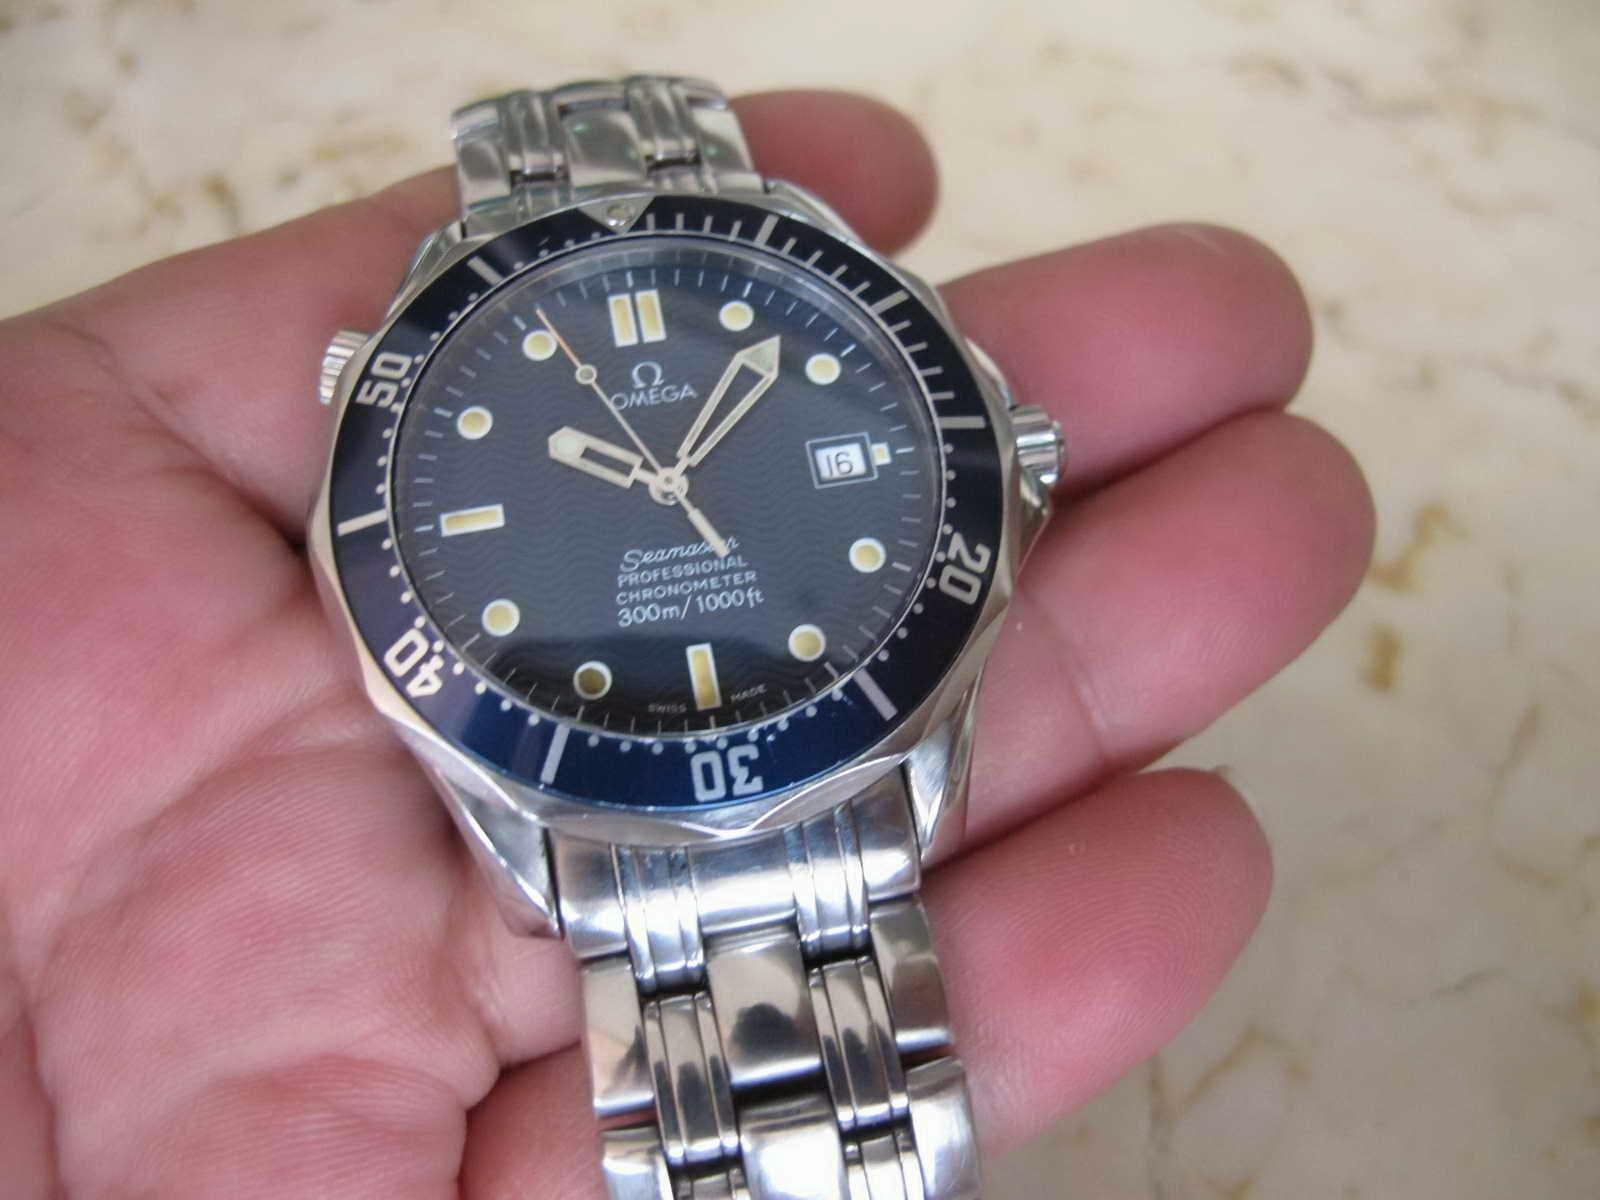 7eac880d2ff Kondisi OMEGA SEAMASTER PROFESSIONAL CHRONOMETER 300 M - OMEGA DIVER JAMES  BOND007 ini masih bagus... Cocok untuk Anda yang sedang mencari jam tangan  Diver ...